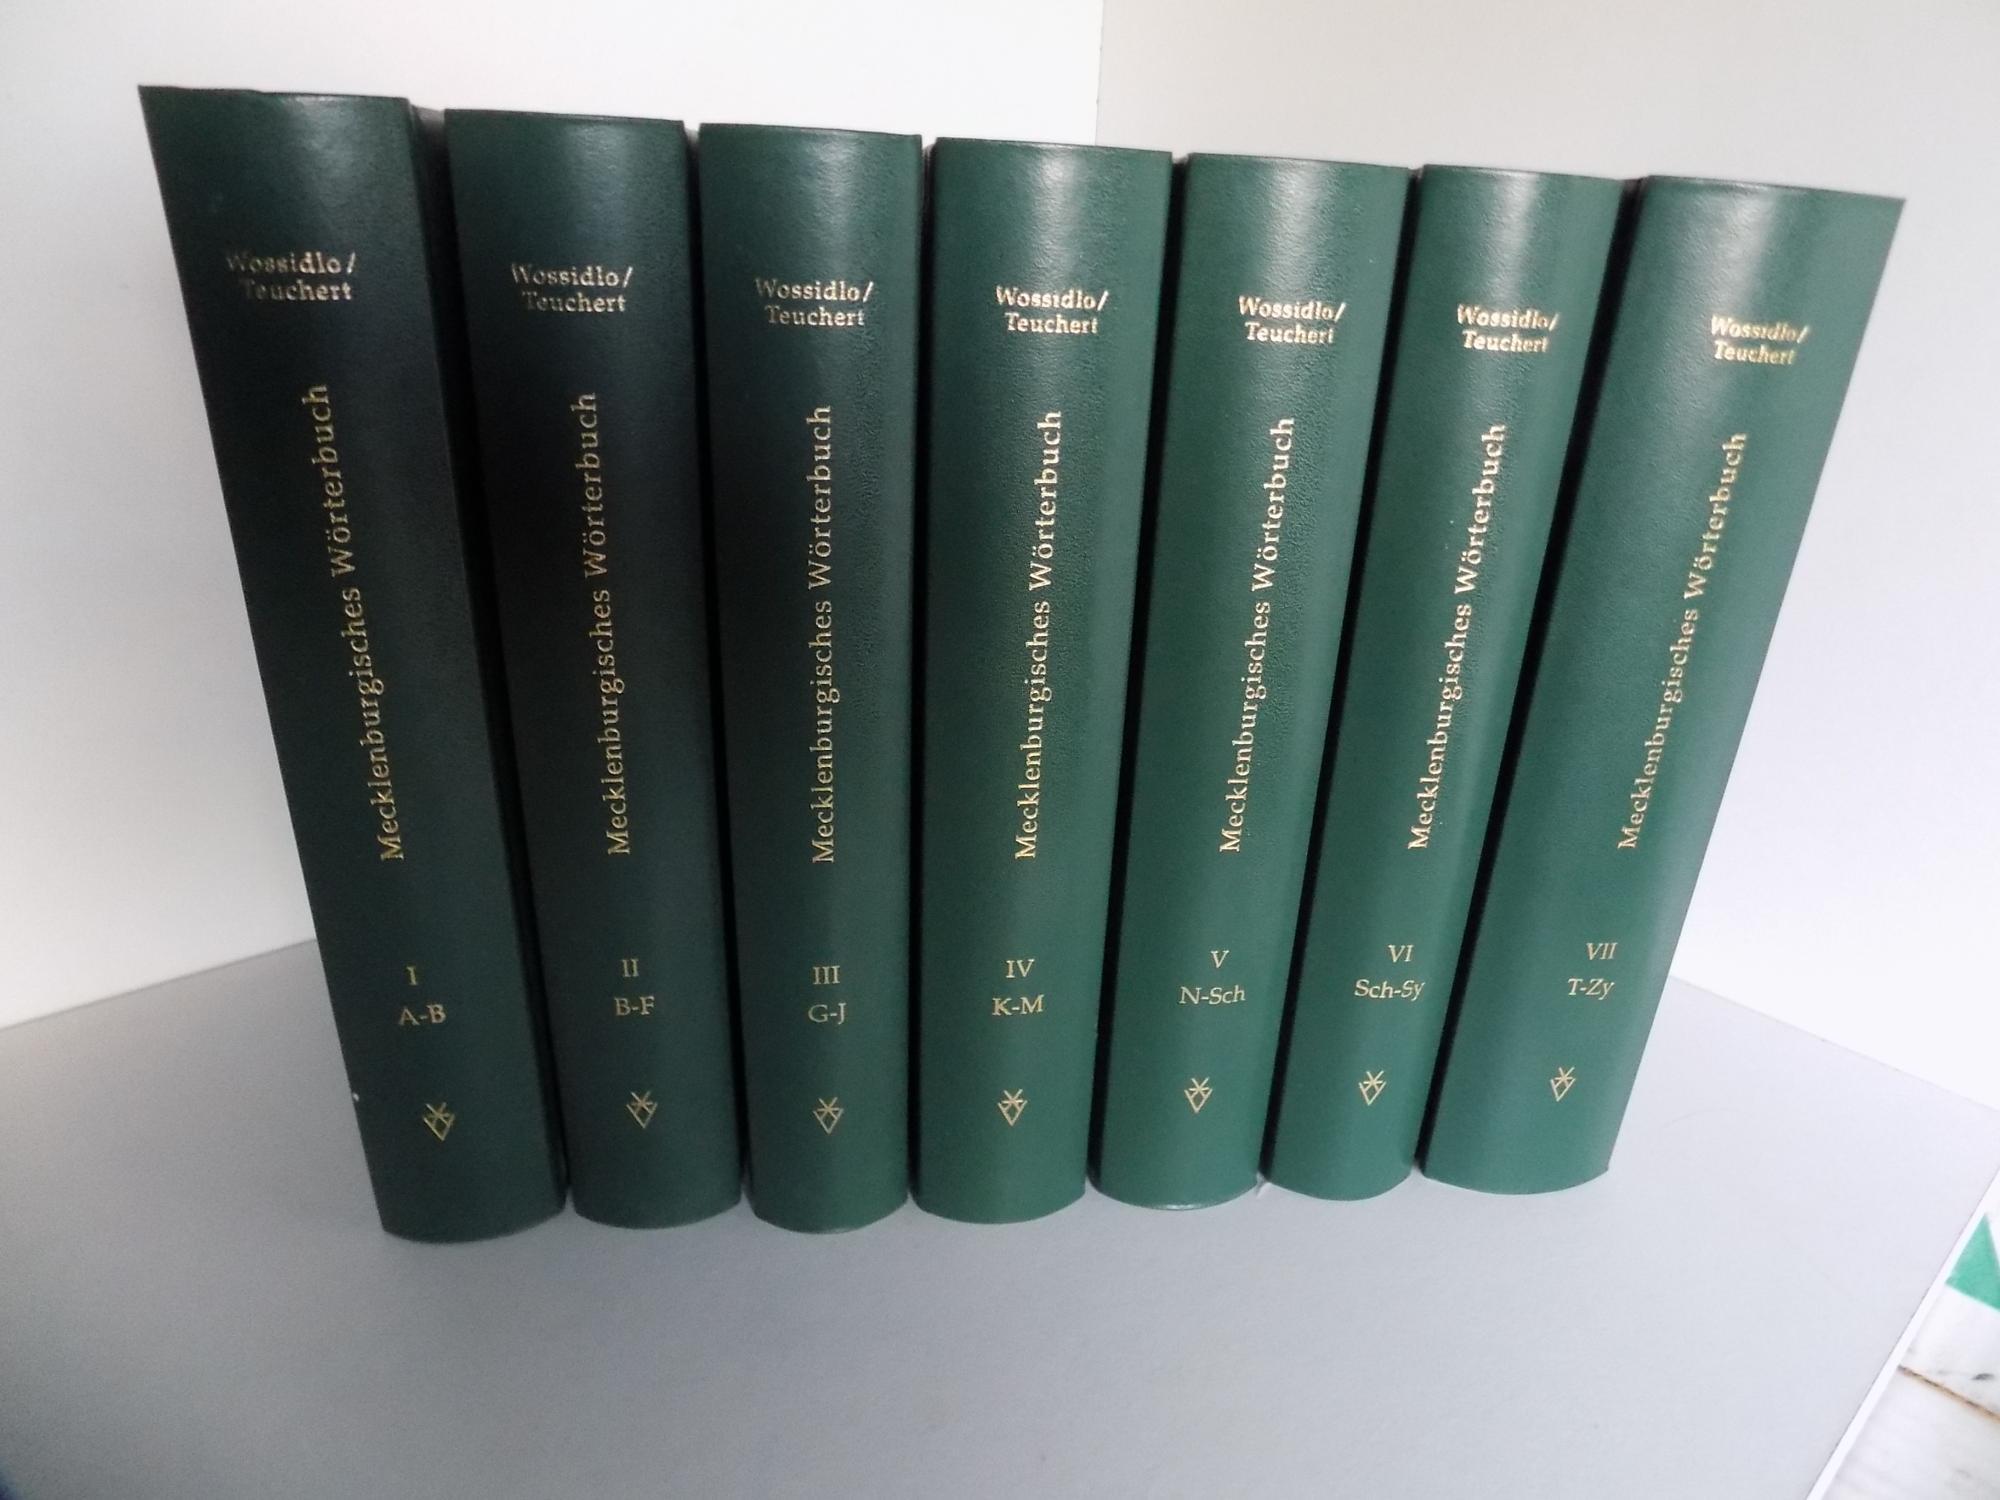 Entzuckend Wossidlo, Richard Und Hermann Teuchert (Hrsg.) Mecklenburgisches  Wörterbuch. Unveränderter, Verkleinerter Nachdruck De Erstauflage Von  1937 1992.